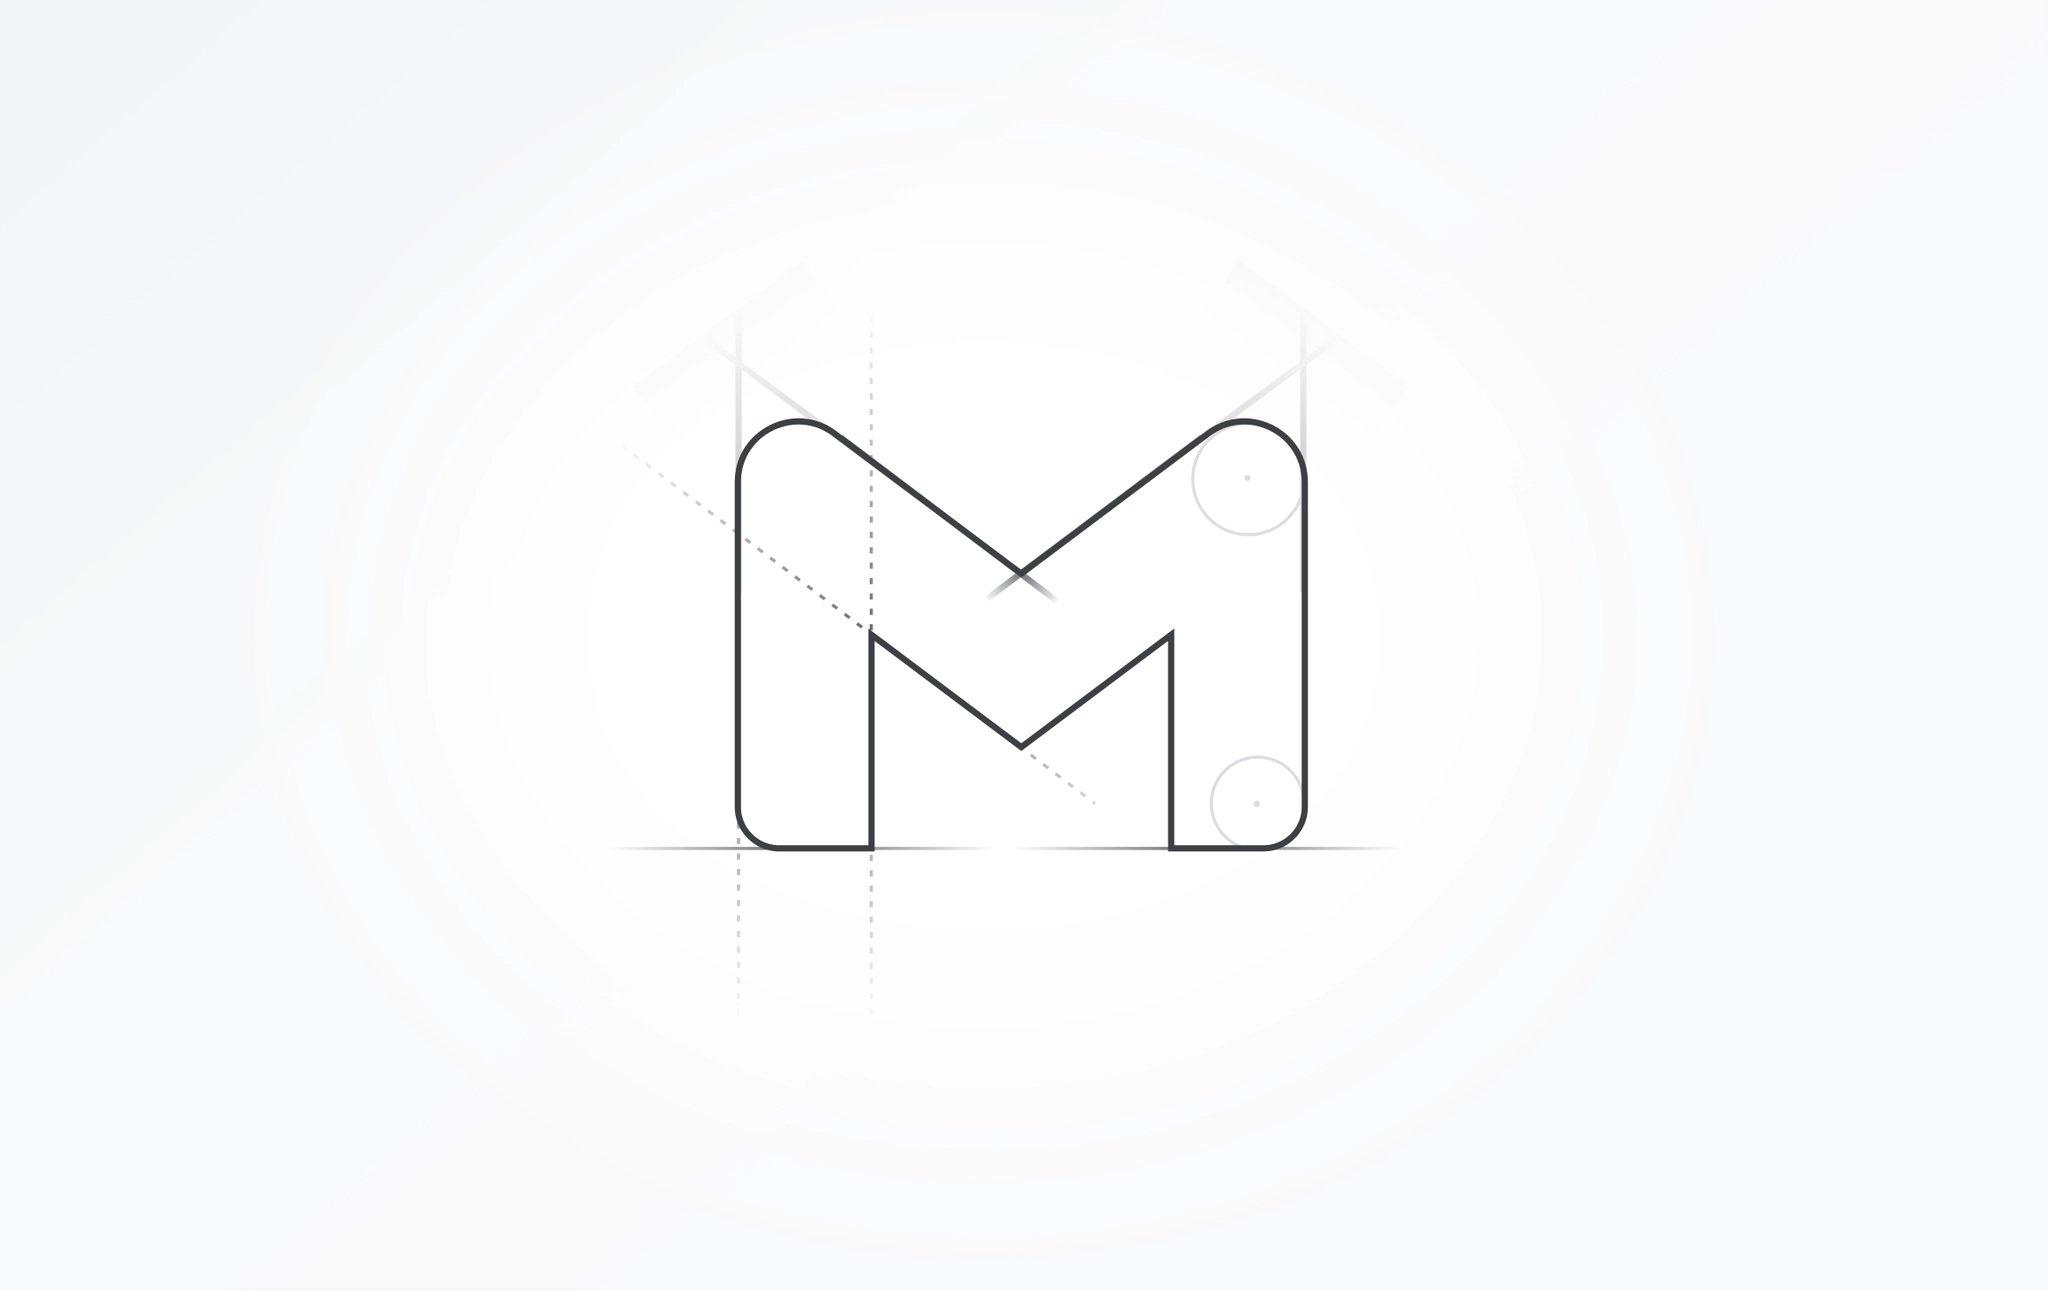 novo logo do gmail